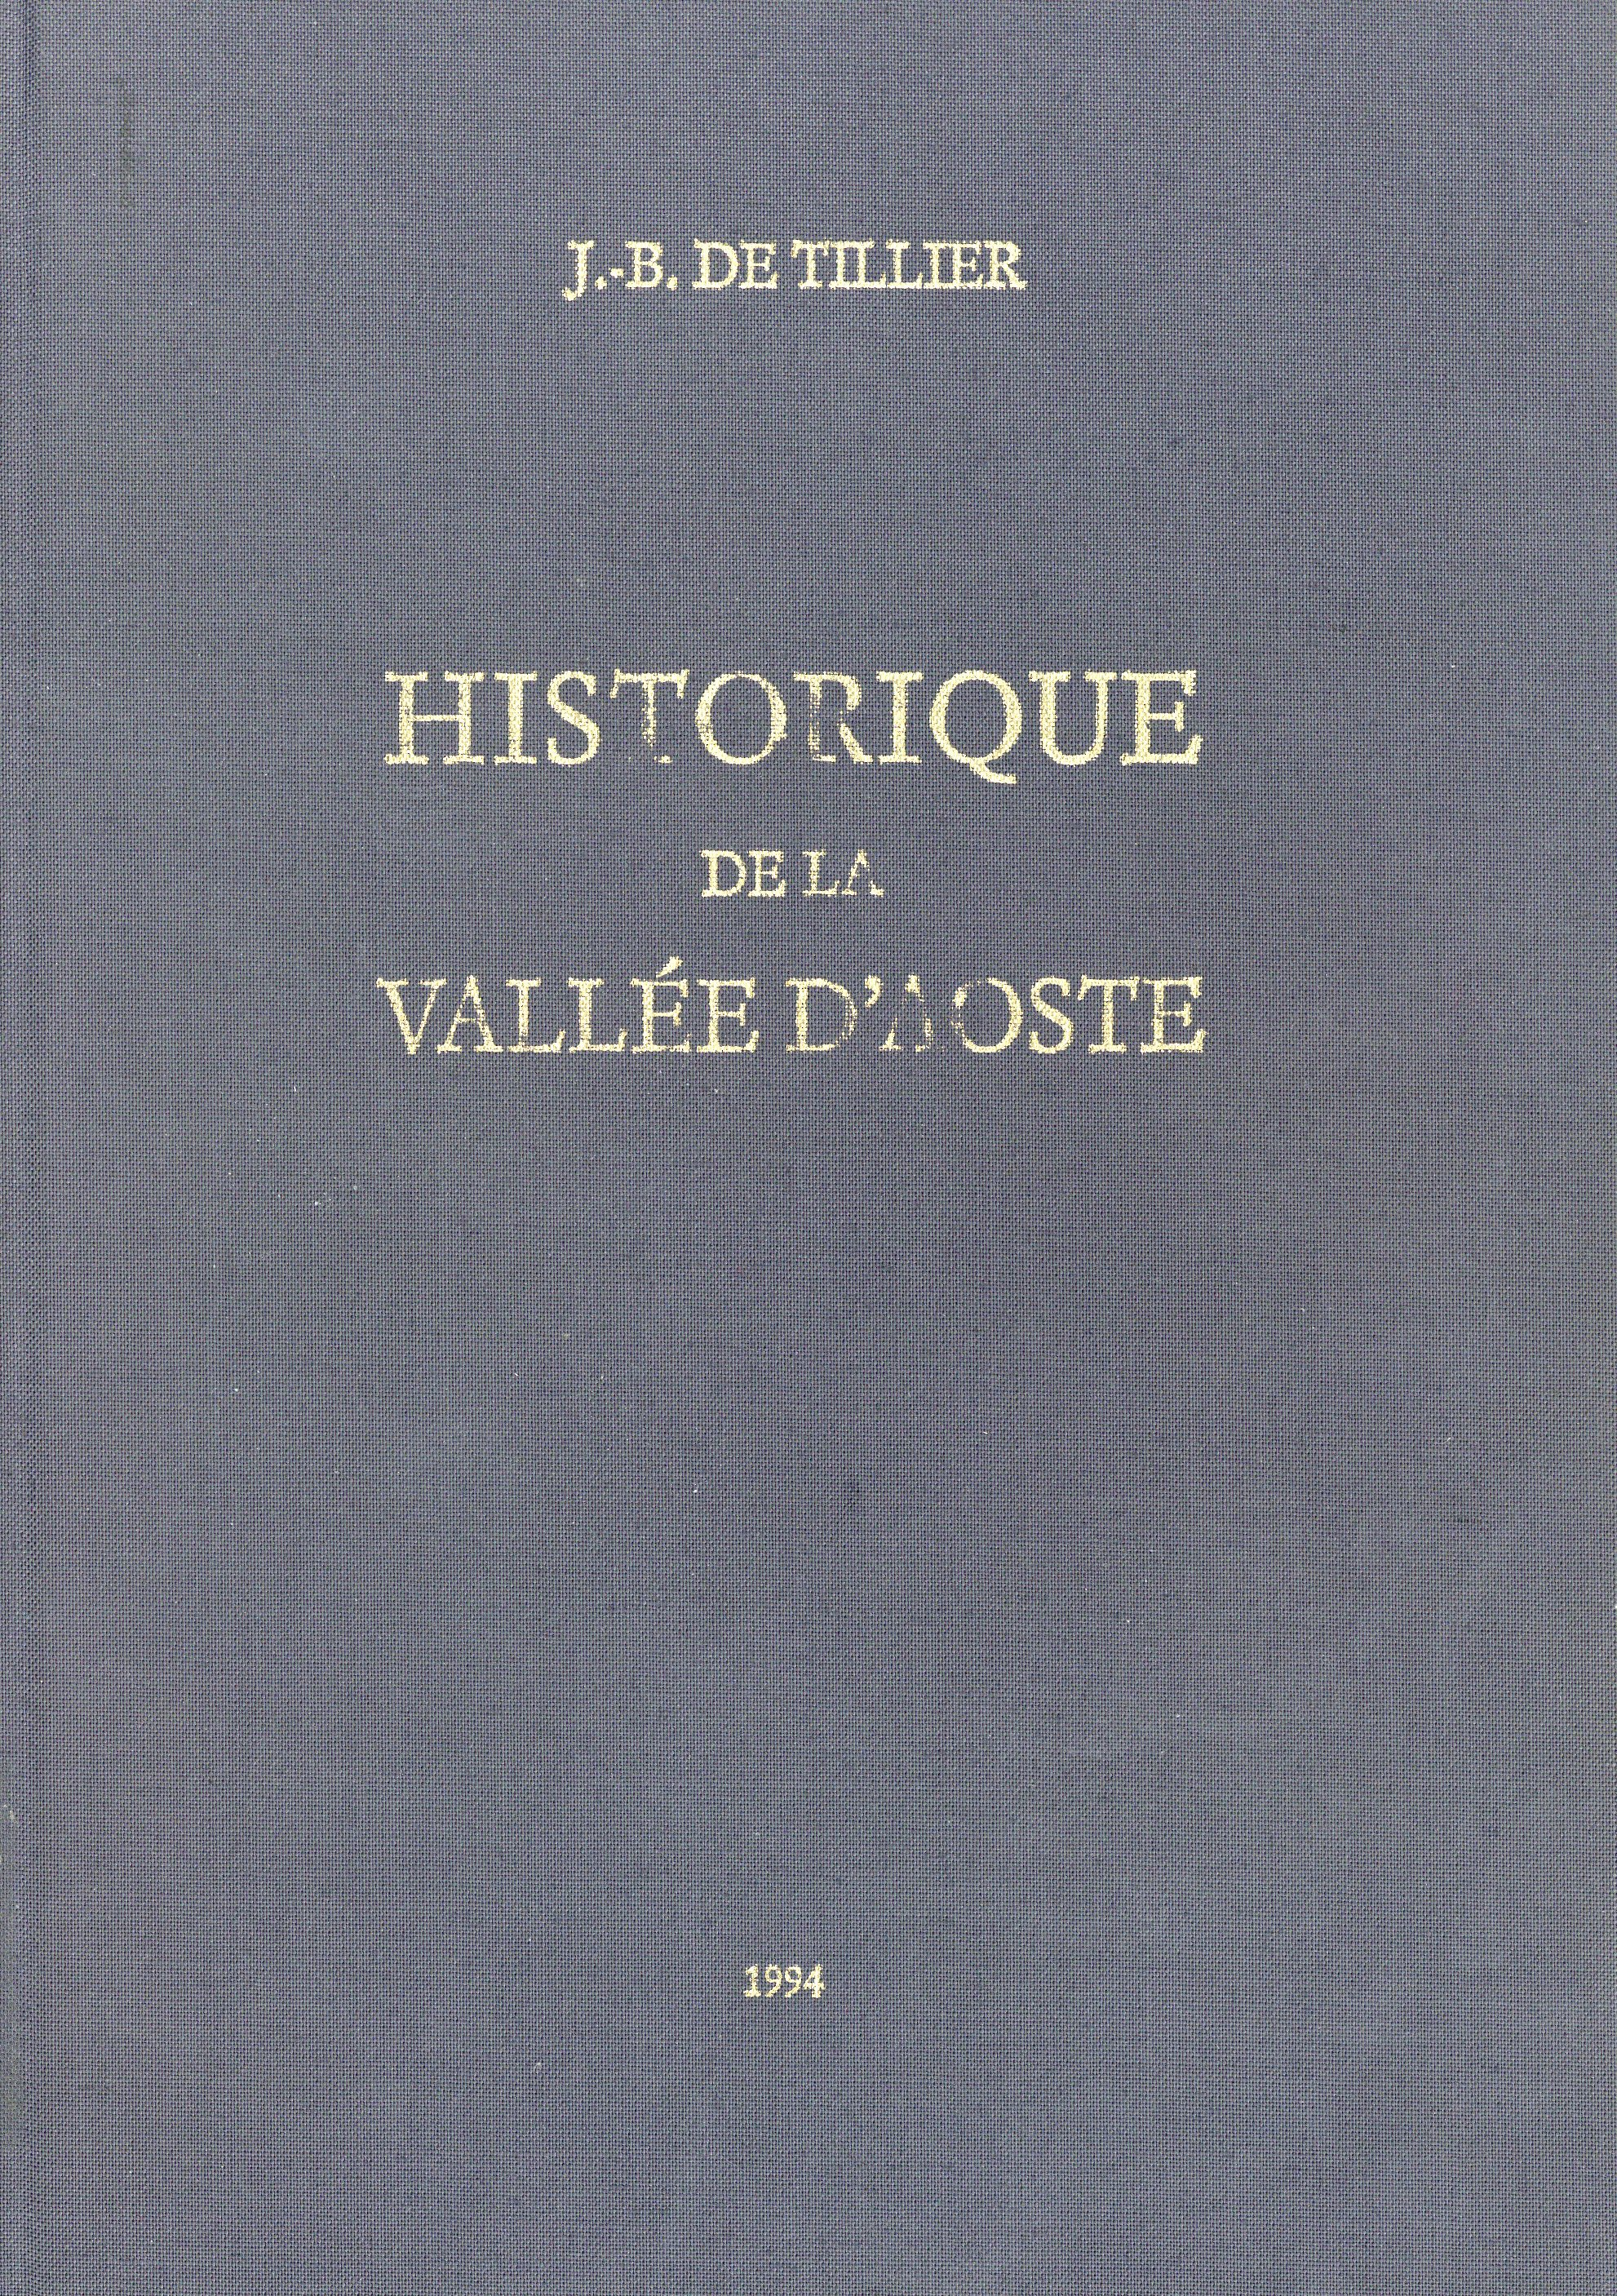 Historique de la Vallée d'Aoste